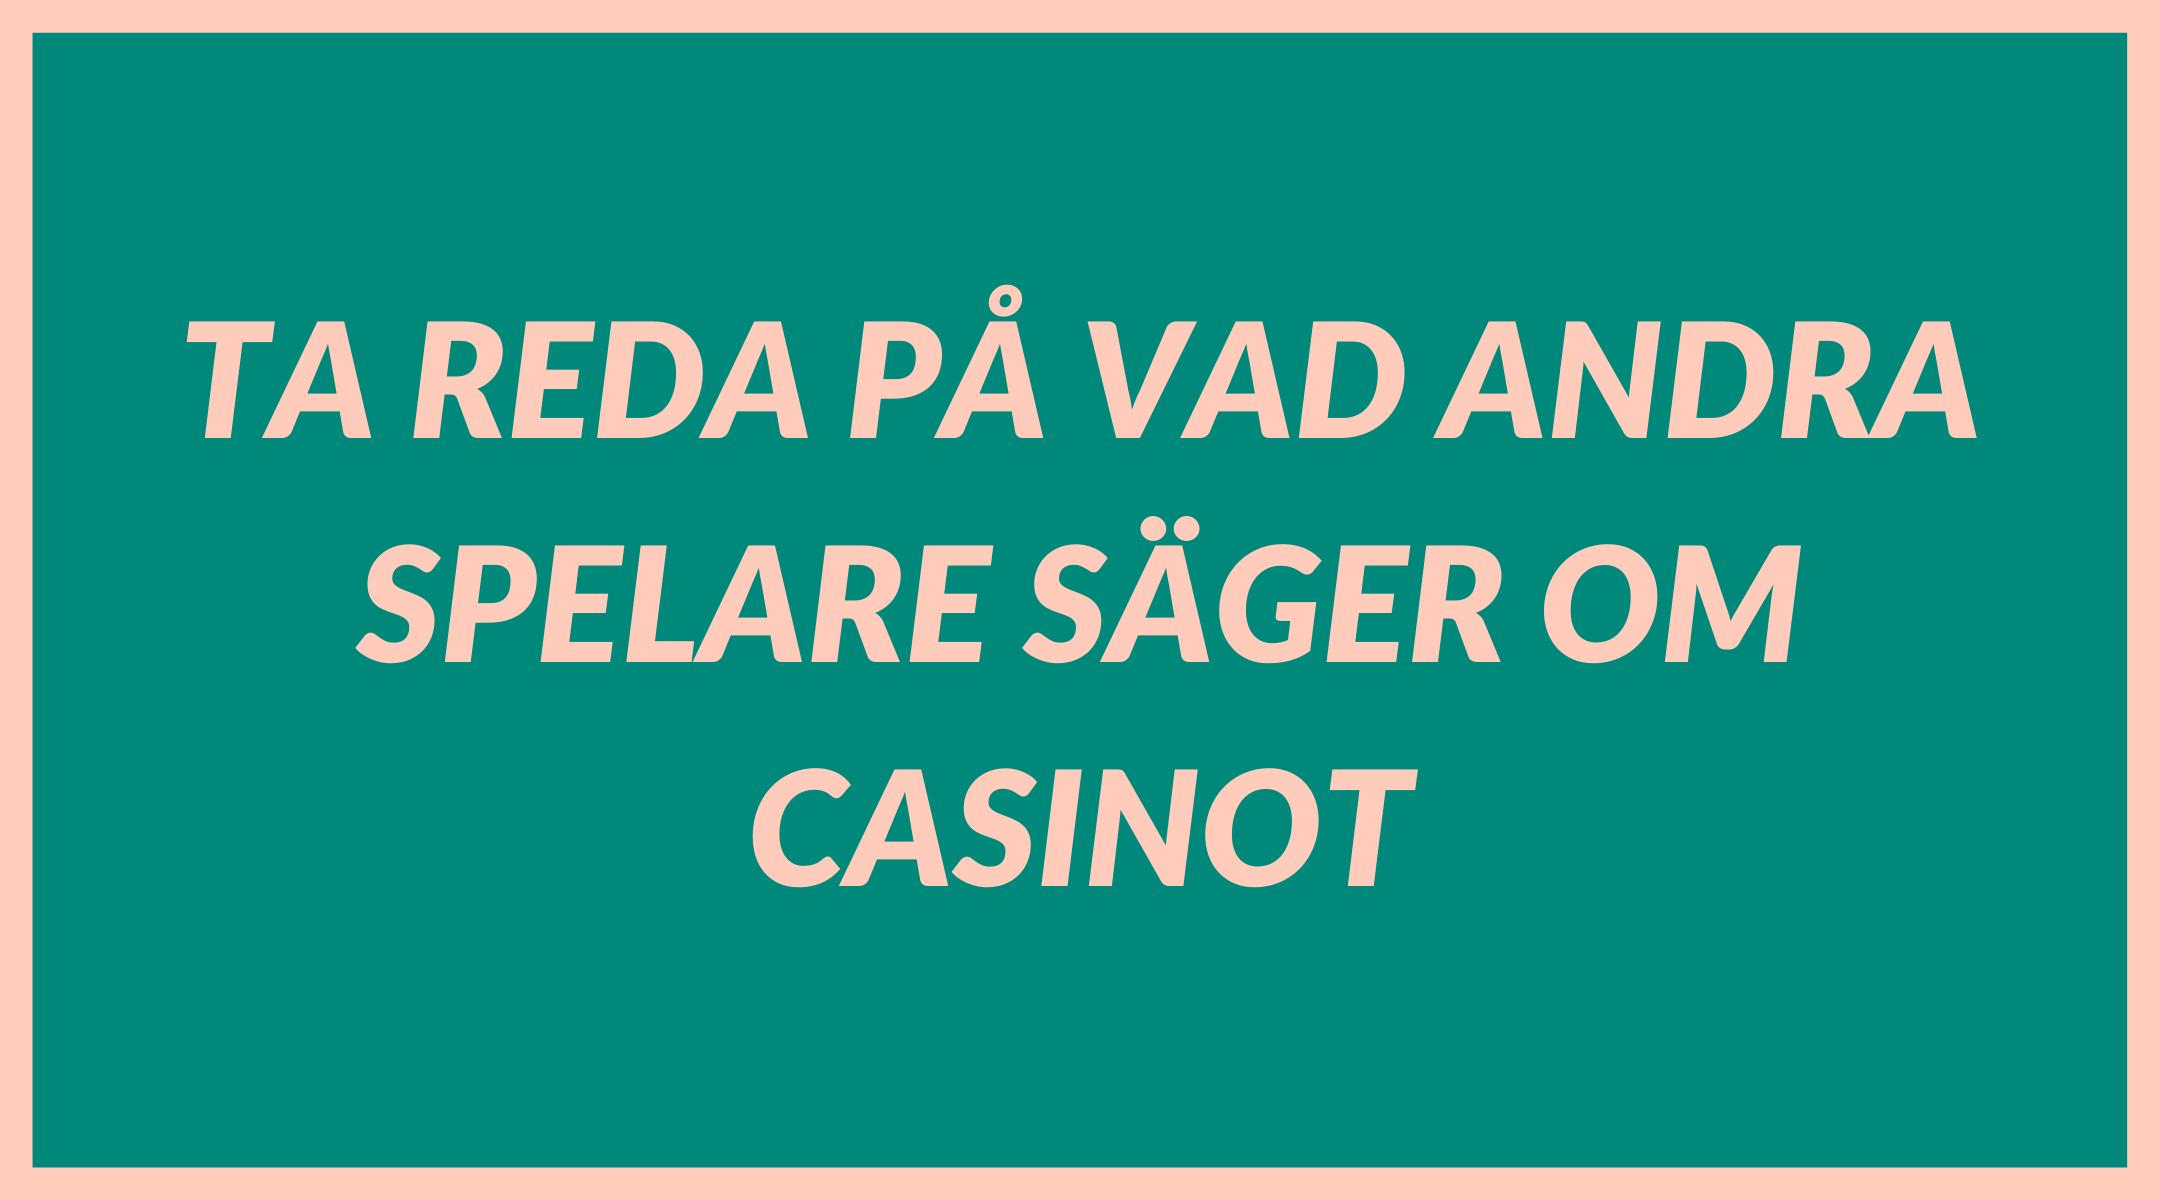 Ta reda på vad andra spelare säger om casinot